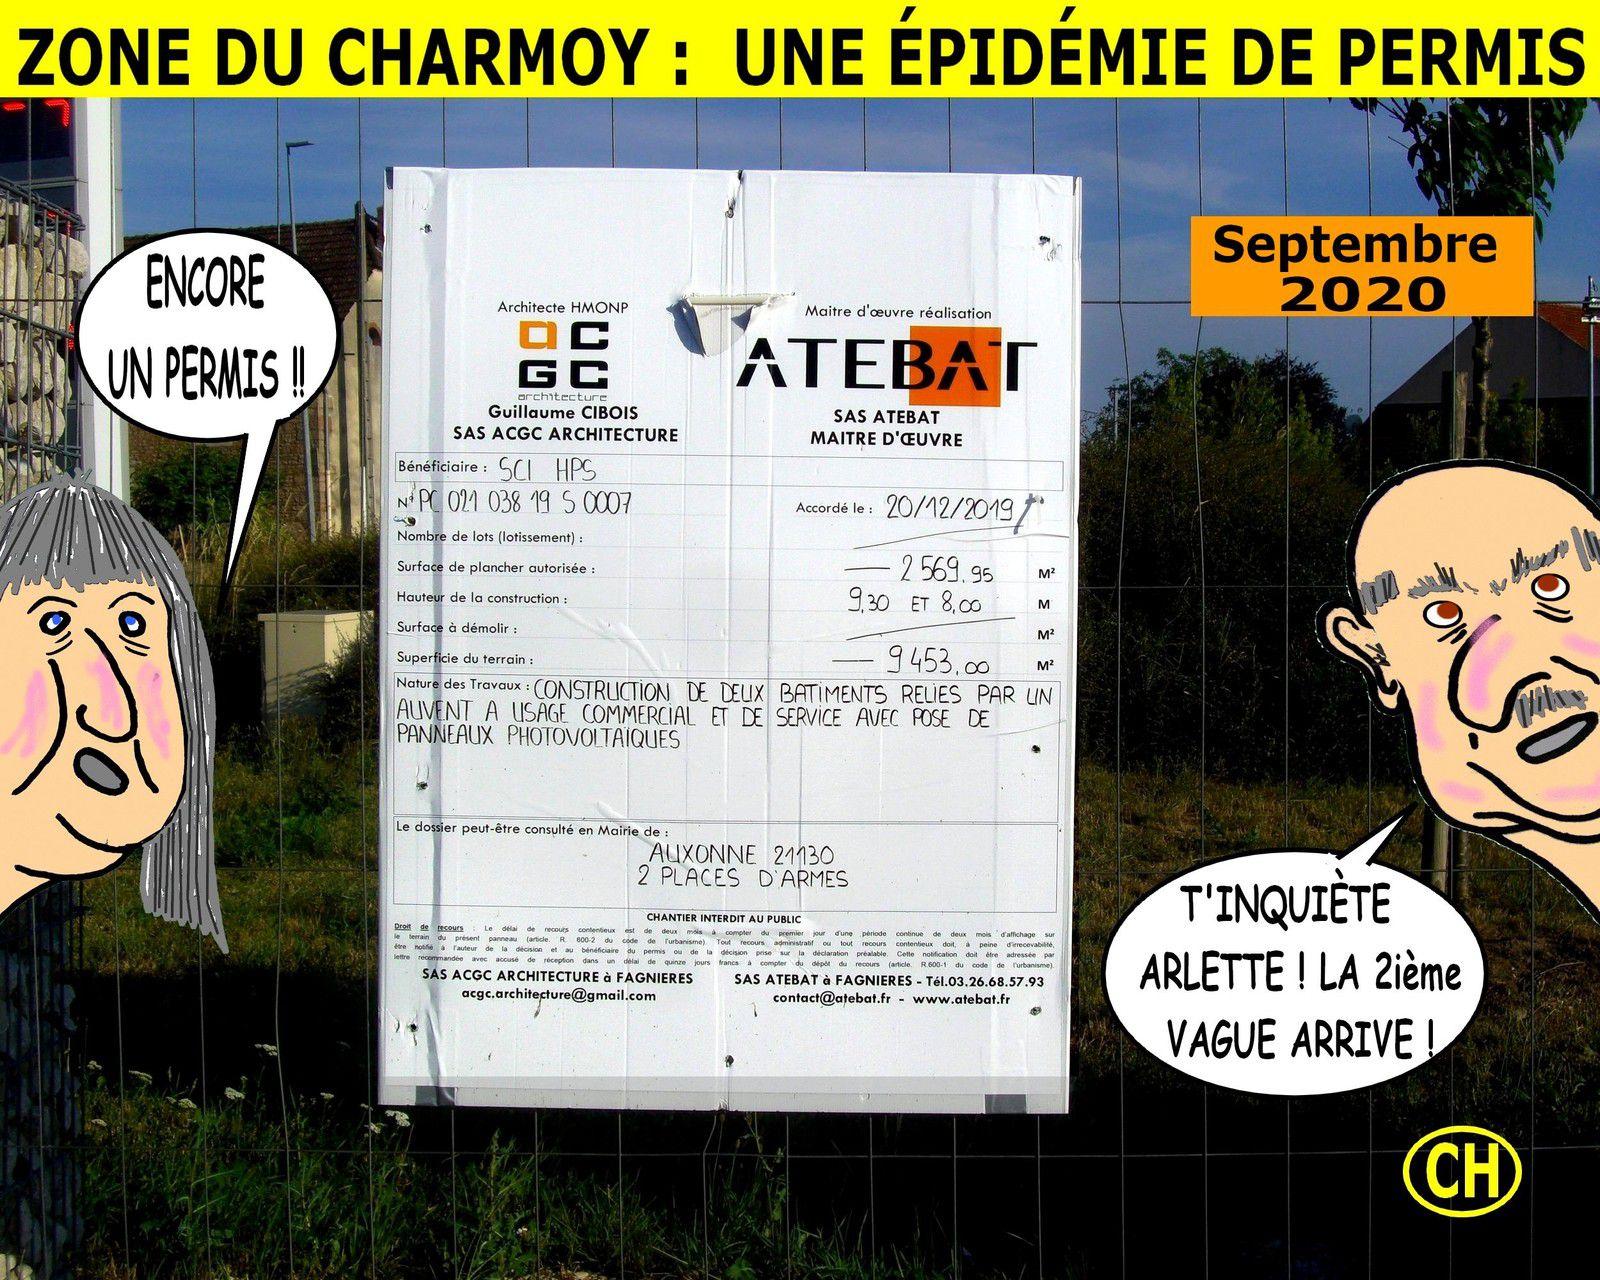 Zone du Charmoy, une épidémie de permis.JPG